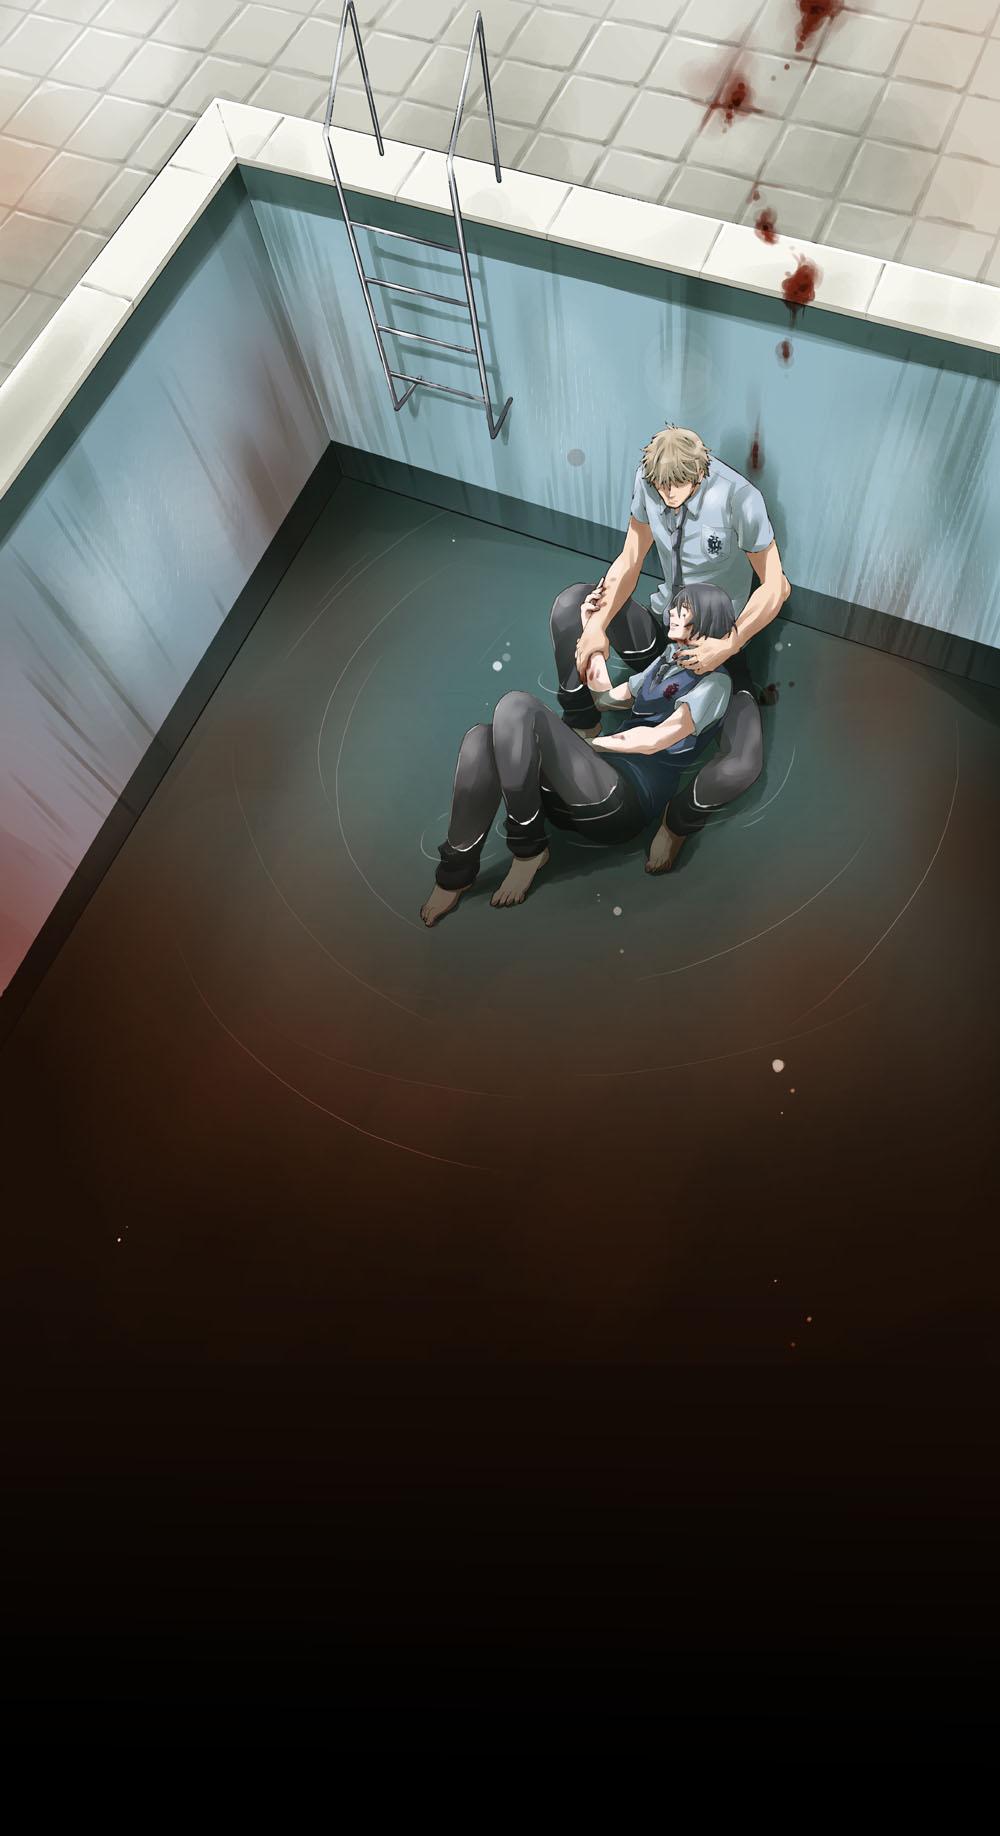 Inazuma Eleven 3 The Ogre Download